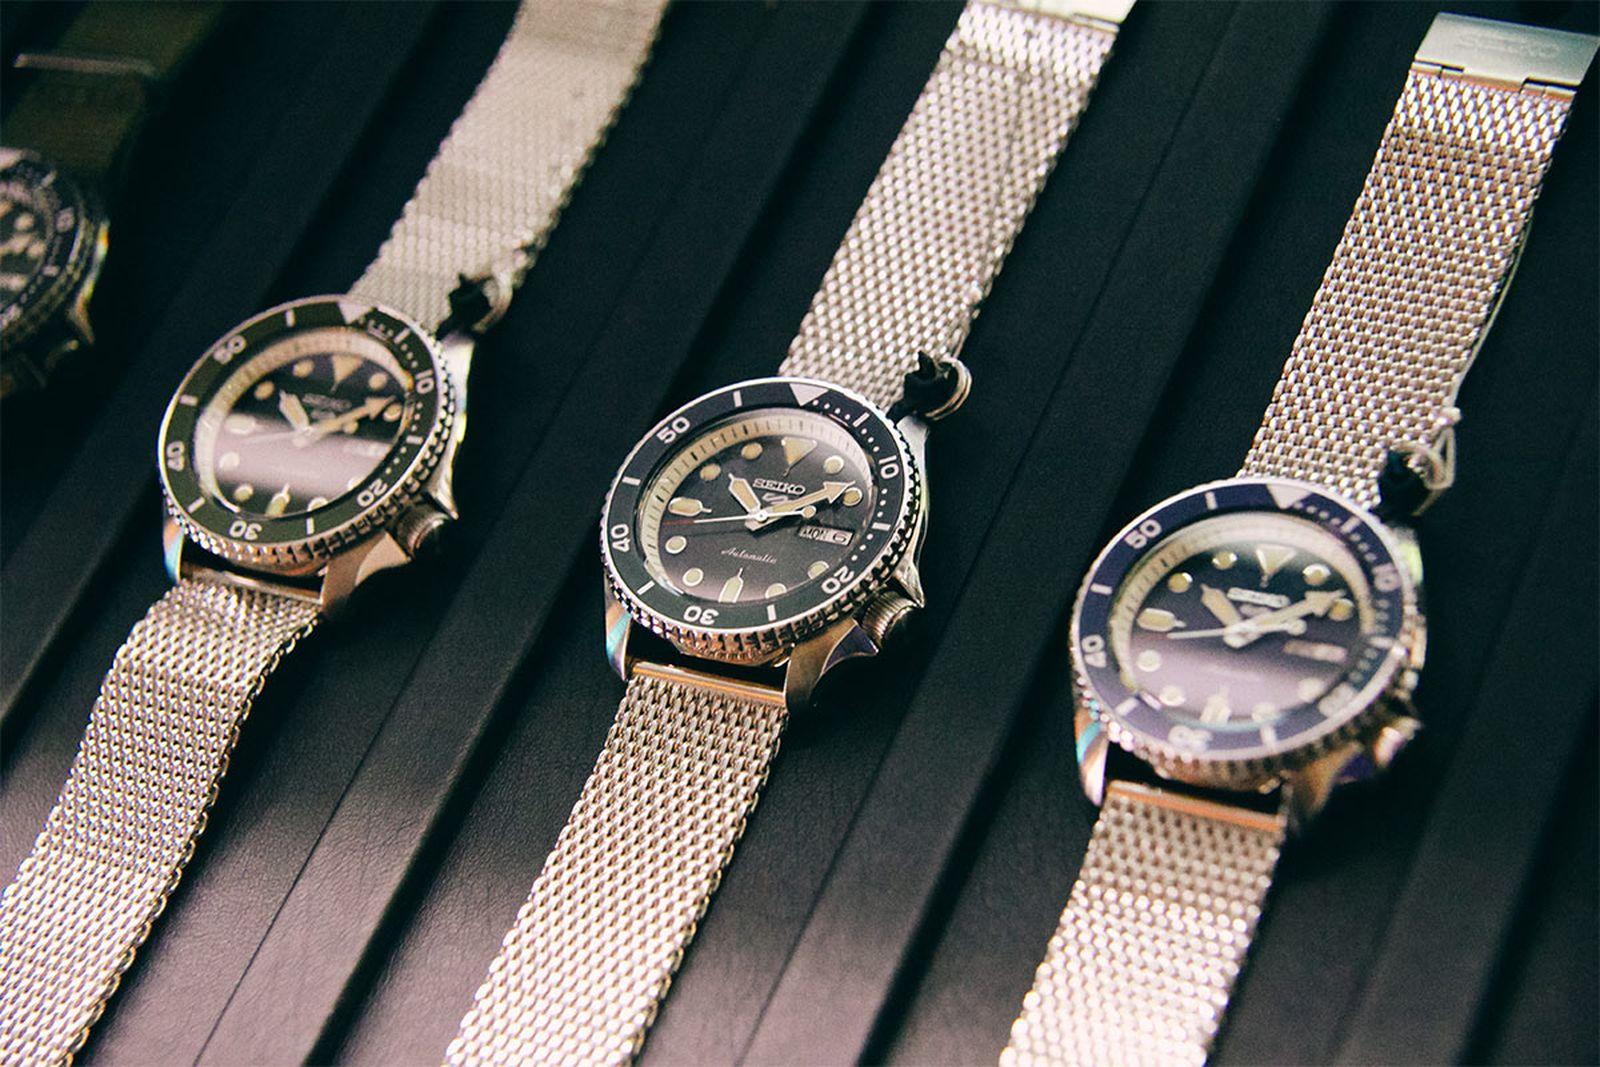 seiko-watch-launch-japan-03